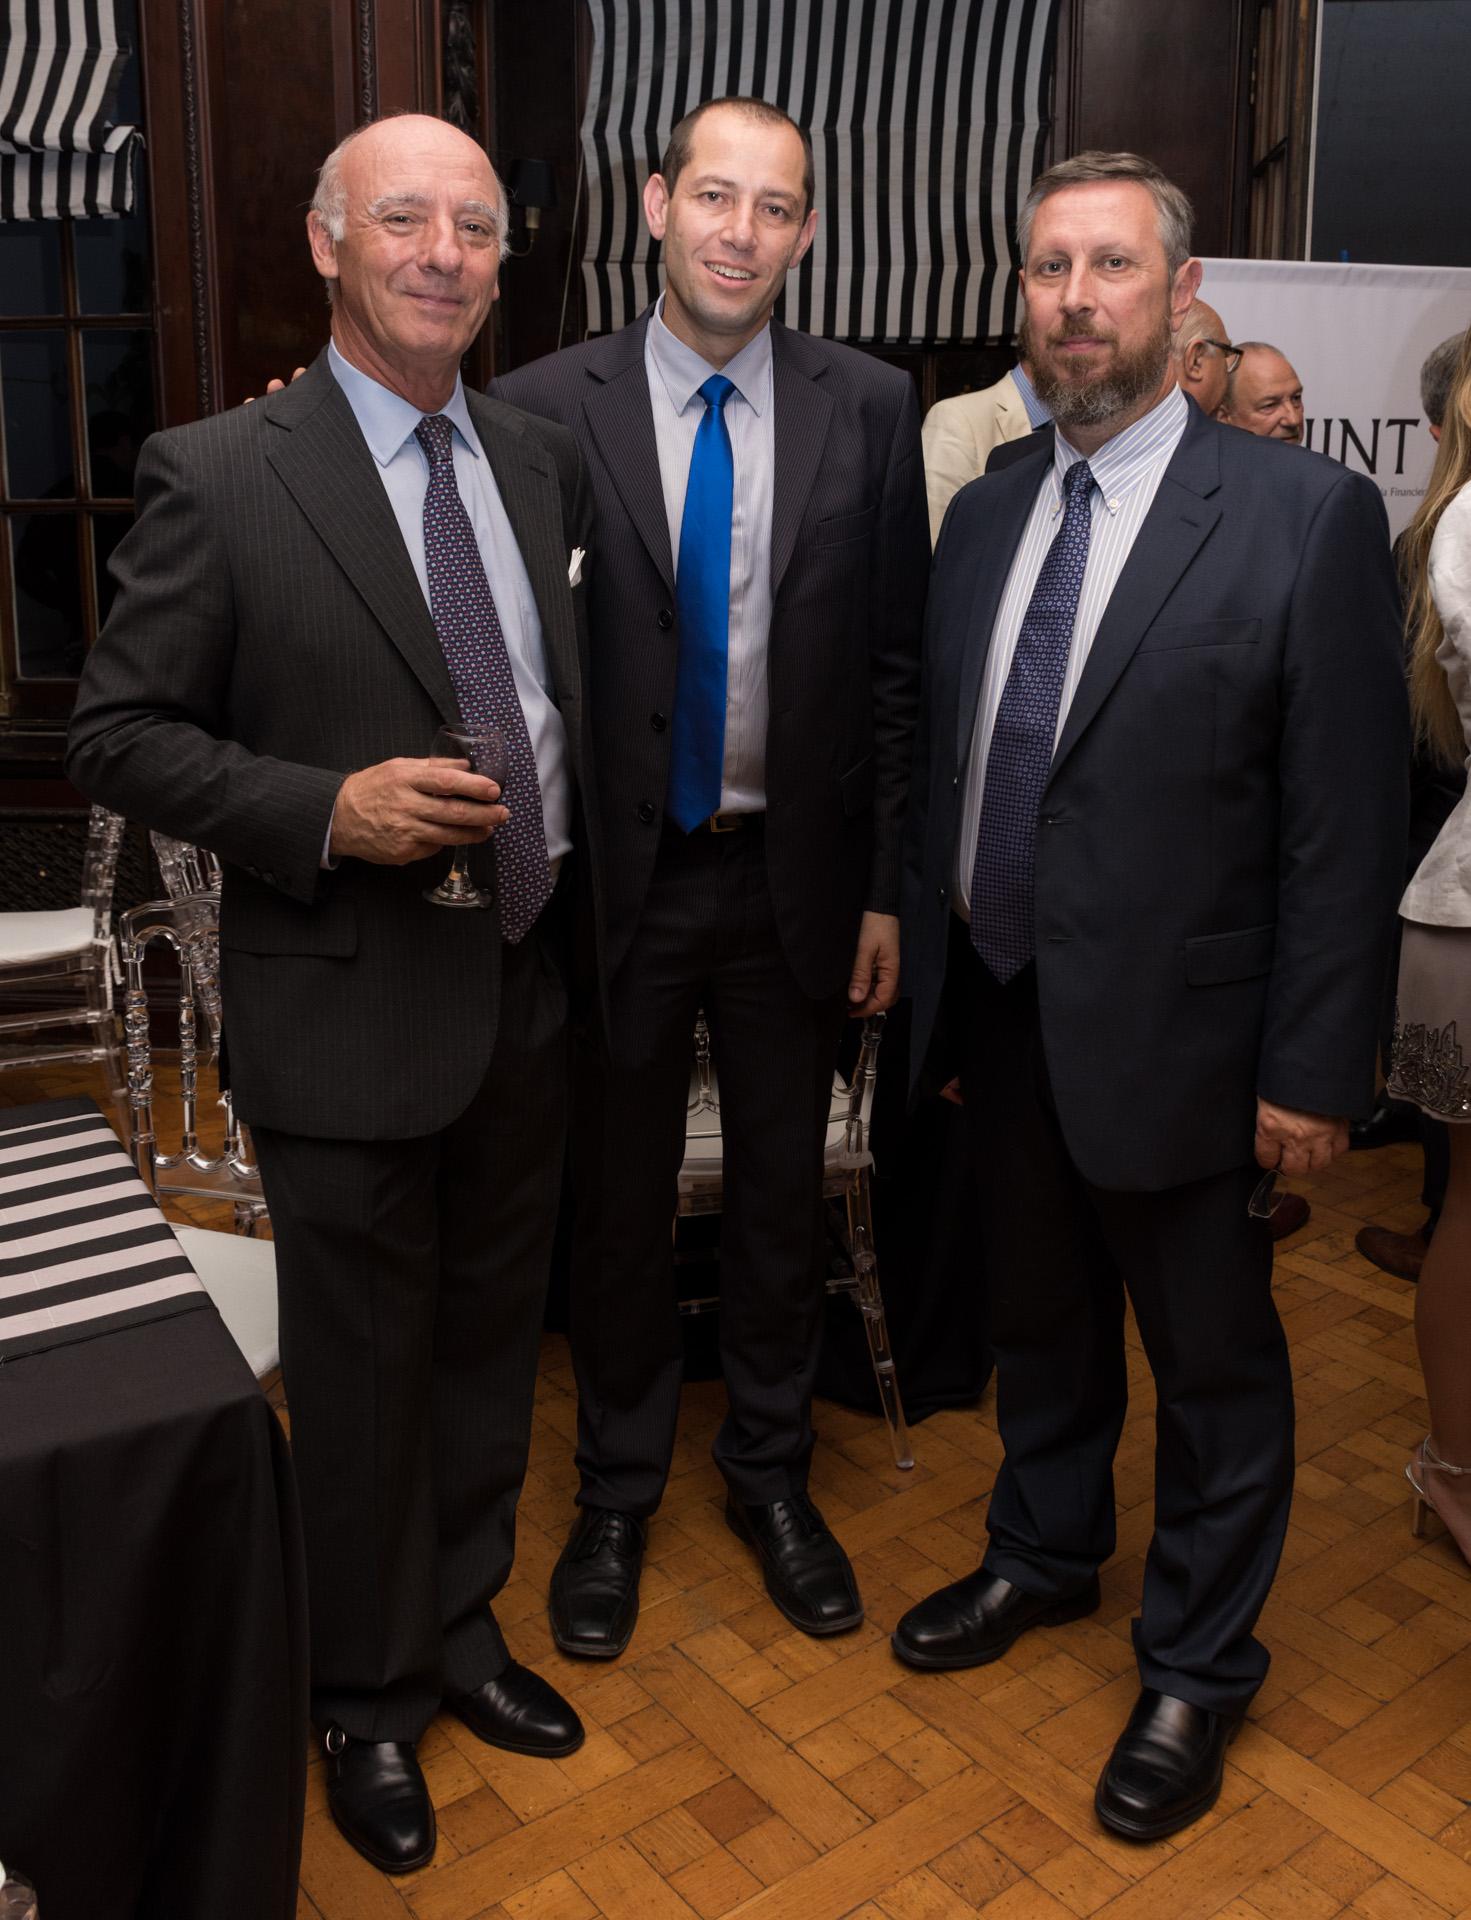 Julio Hang, Juan Belikow, consejero líder de la Secretaría de Seguridad Multidimensional de la OEA, Ronen Krauz, subjefe de la Misión Consejero Político(Martín Rosenzveig)